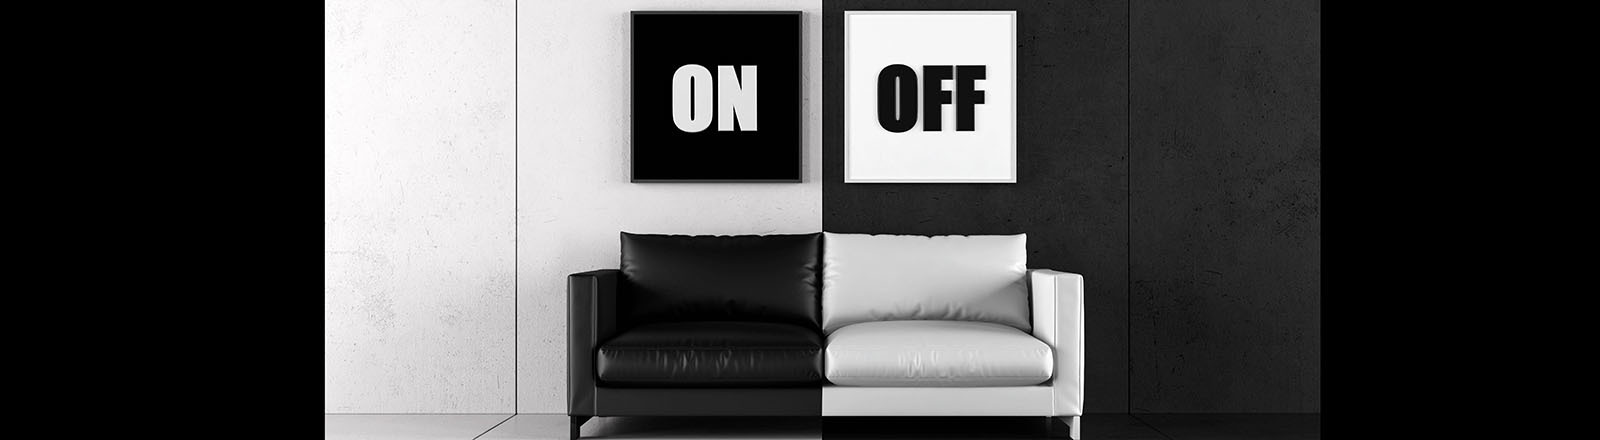 Ein Raum, der kontrastierend in Schwarz und Weiß gehalten ist.